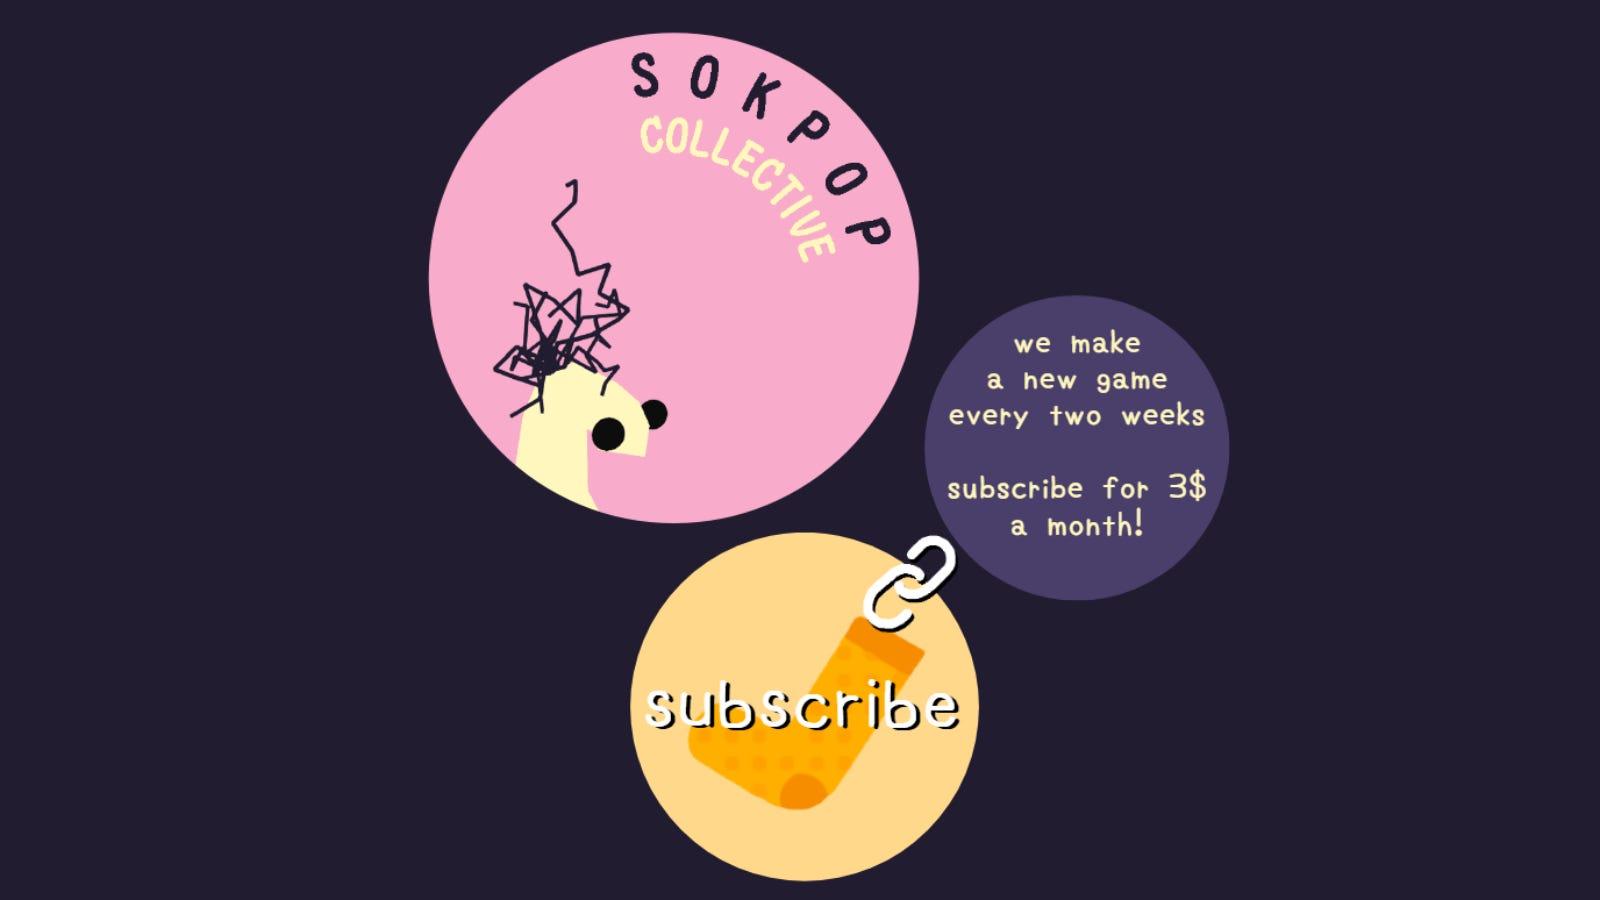 Sokpop Collective website homepage